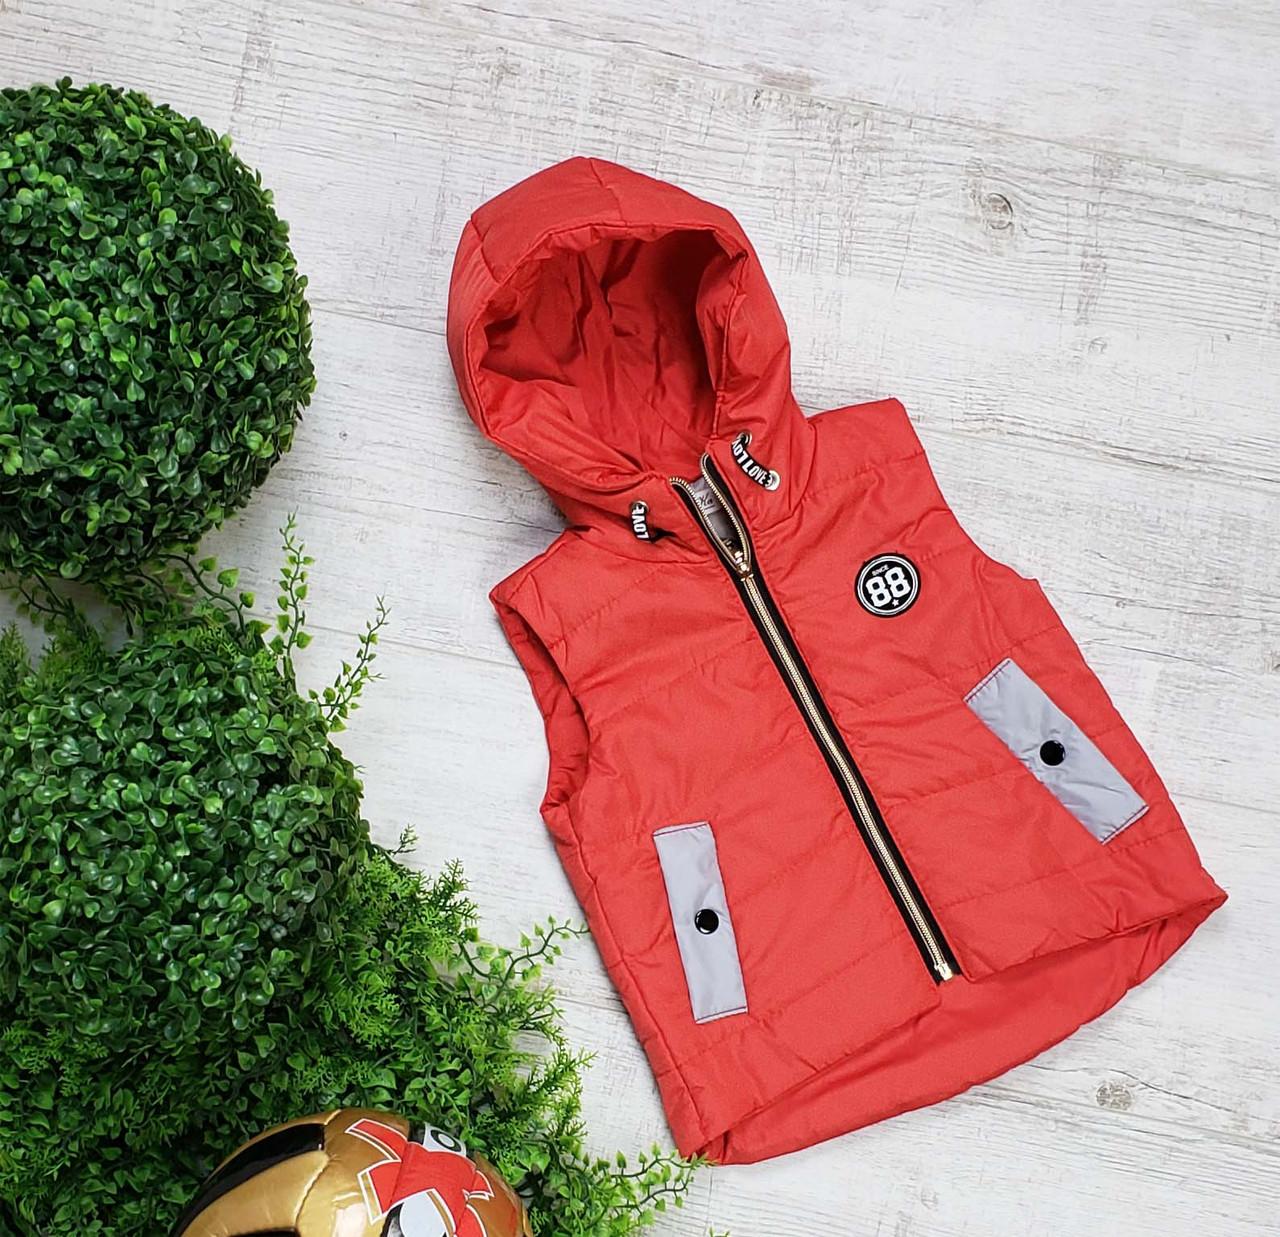 Жилетка код 692М для мальчика, размер 80-98 (1,5-3 лет), цвет - красный, фото 1